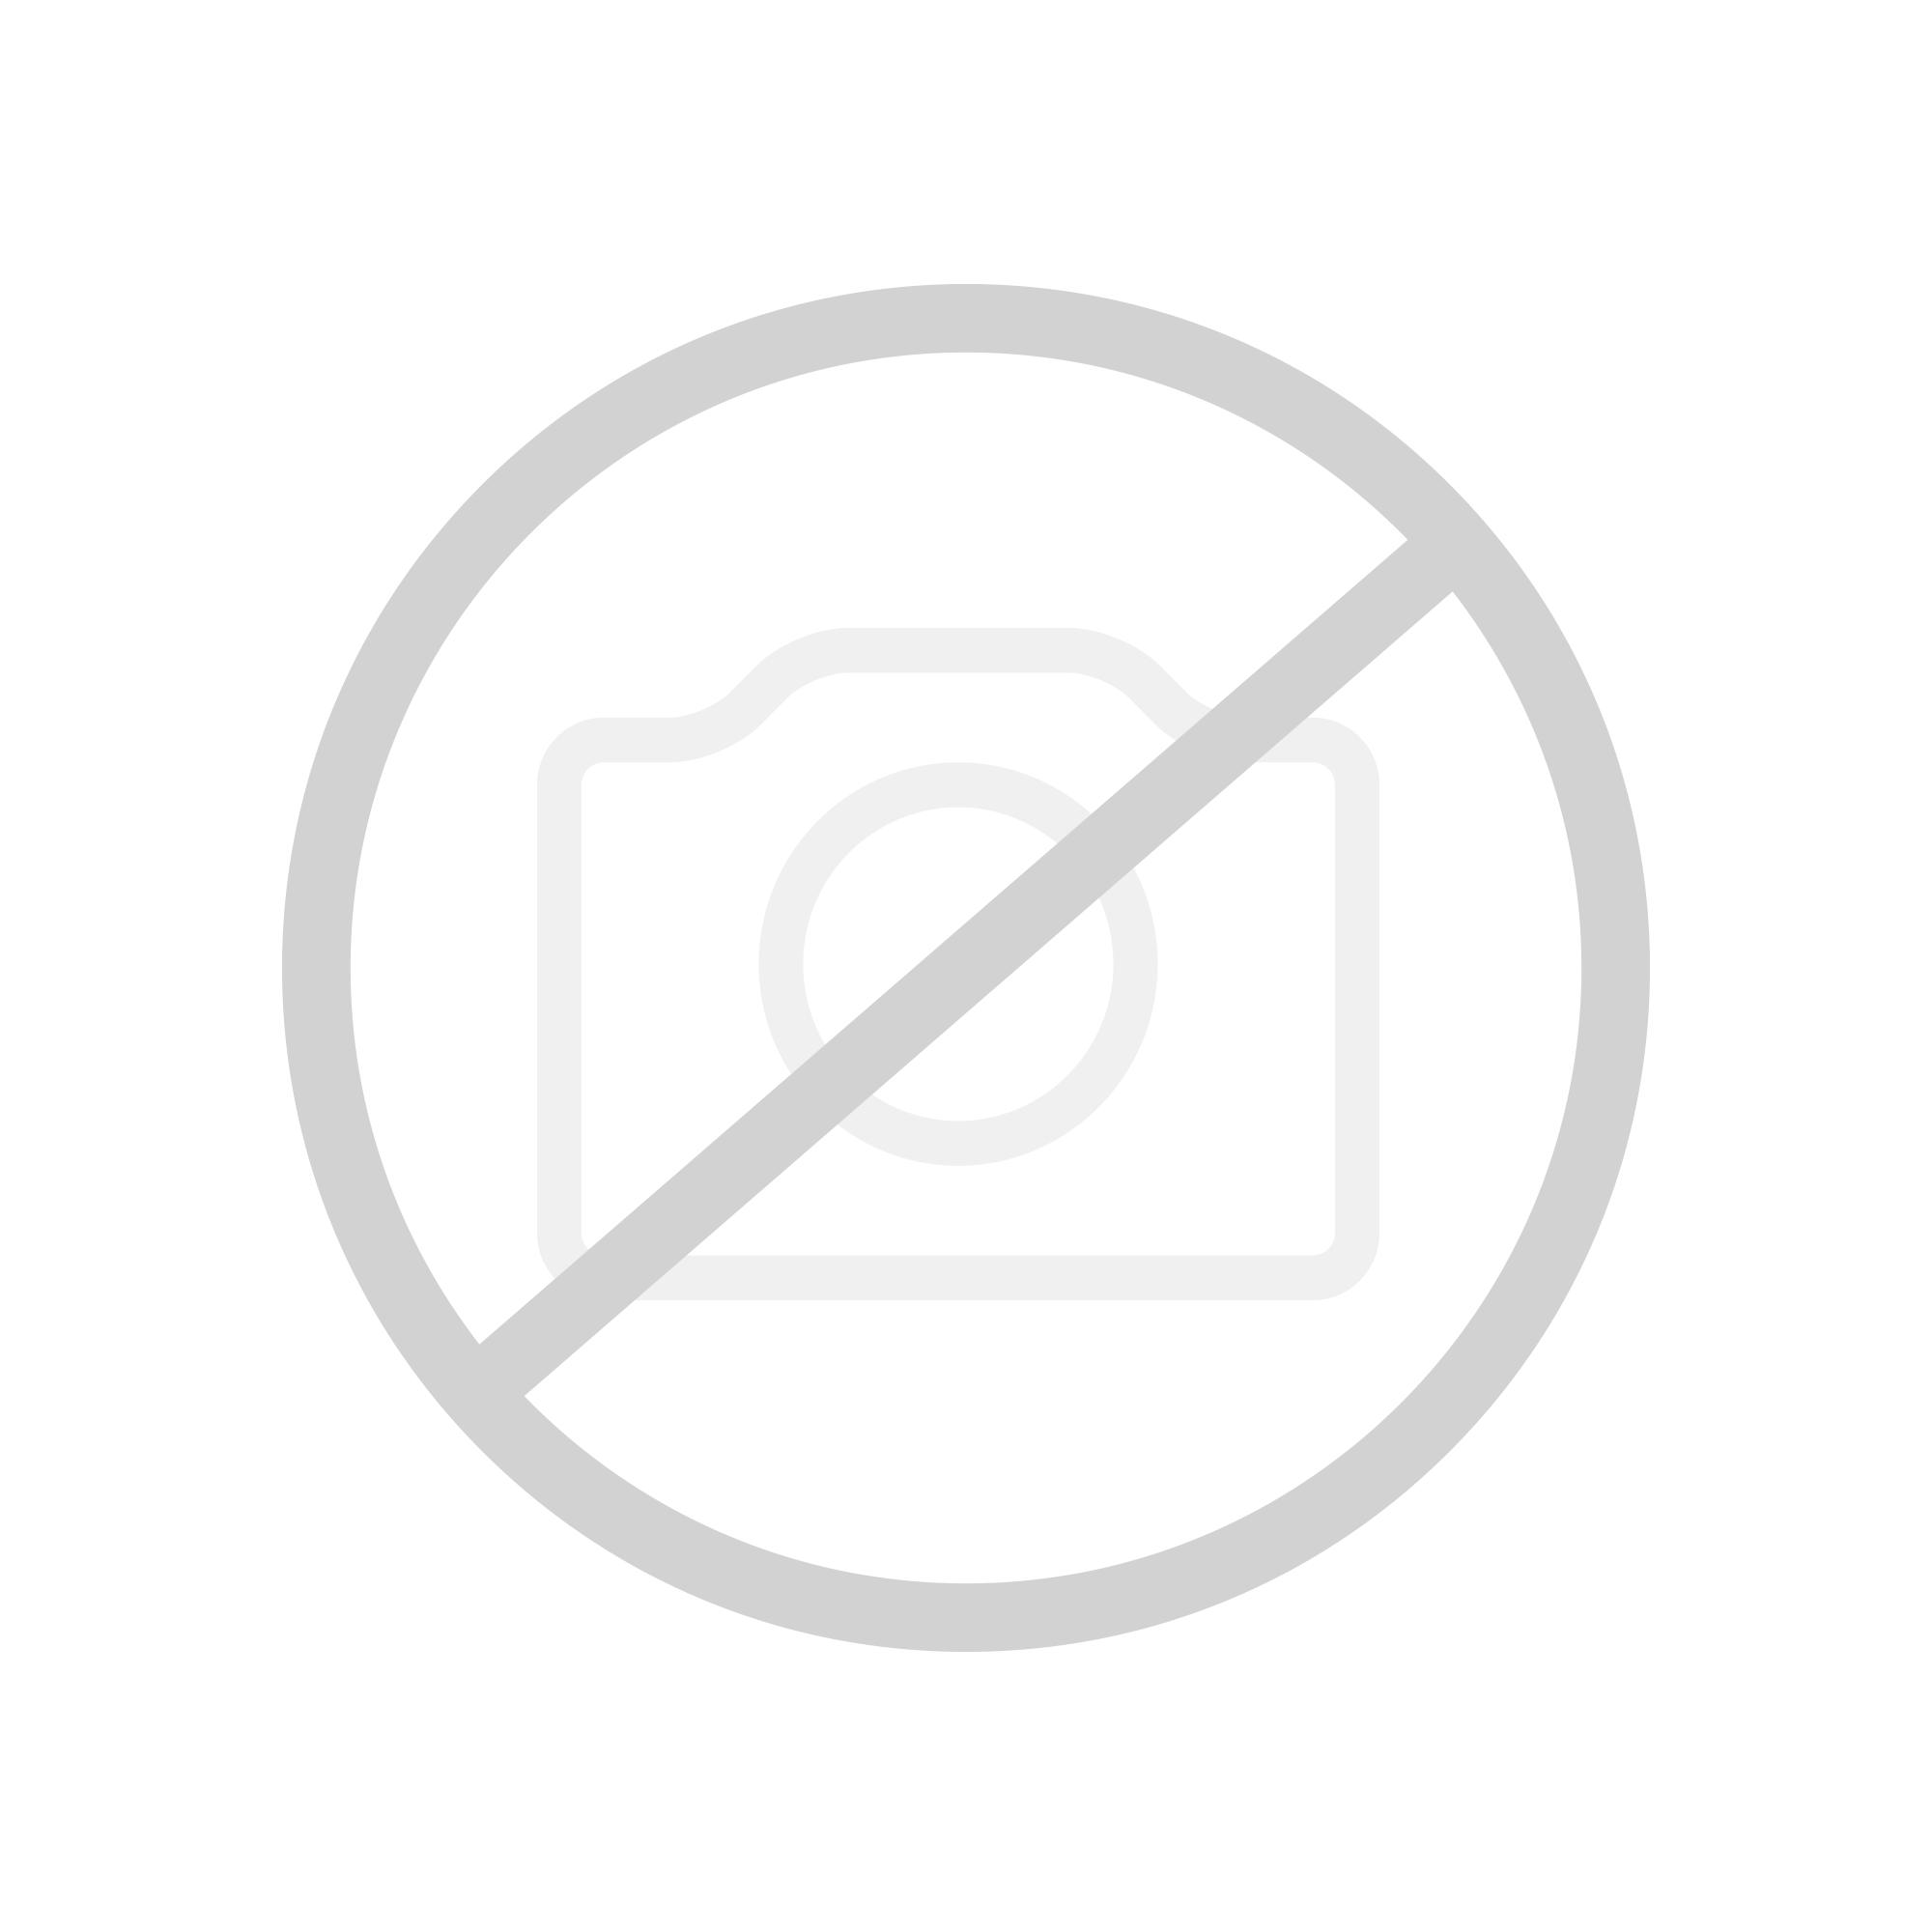 Kludi BALANCE Waschschüssel-Einhandmischer ohne Ablaufgarnitur, H: 334 mm DN 10 chrom